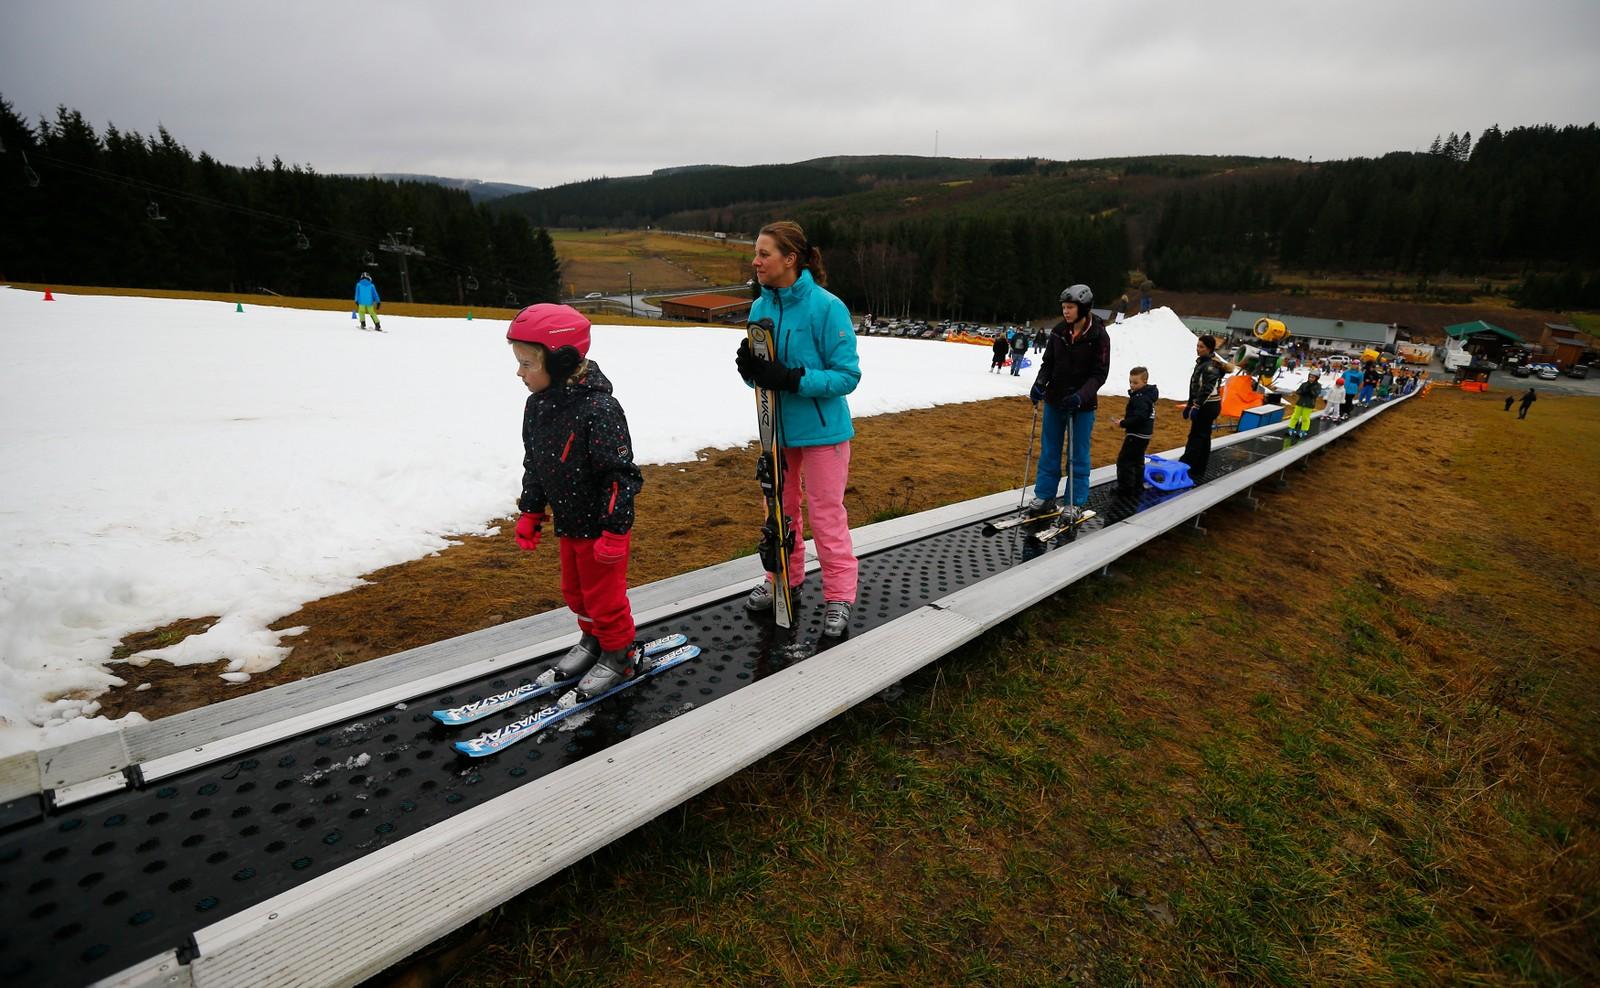 Det er ikke bare i Norge det er mangel på snø. Her fra det tyske vintersportsstedet Winterberg der skiglade tyskere må nøye seg med små områder med kunstsnø.